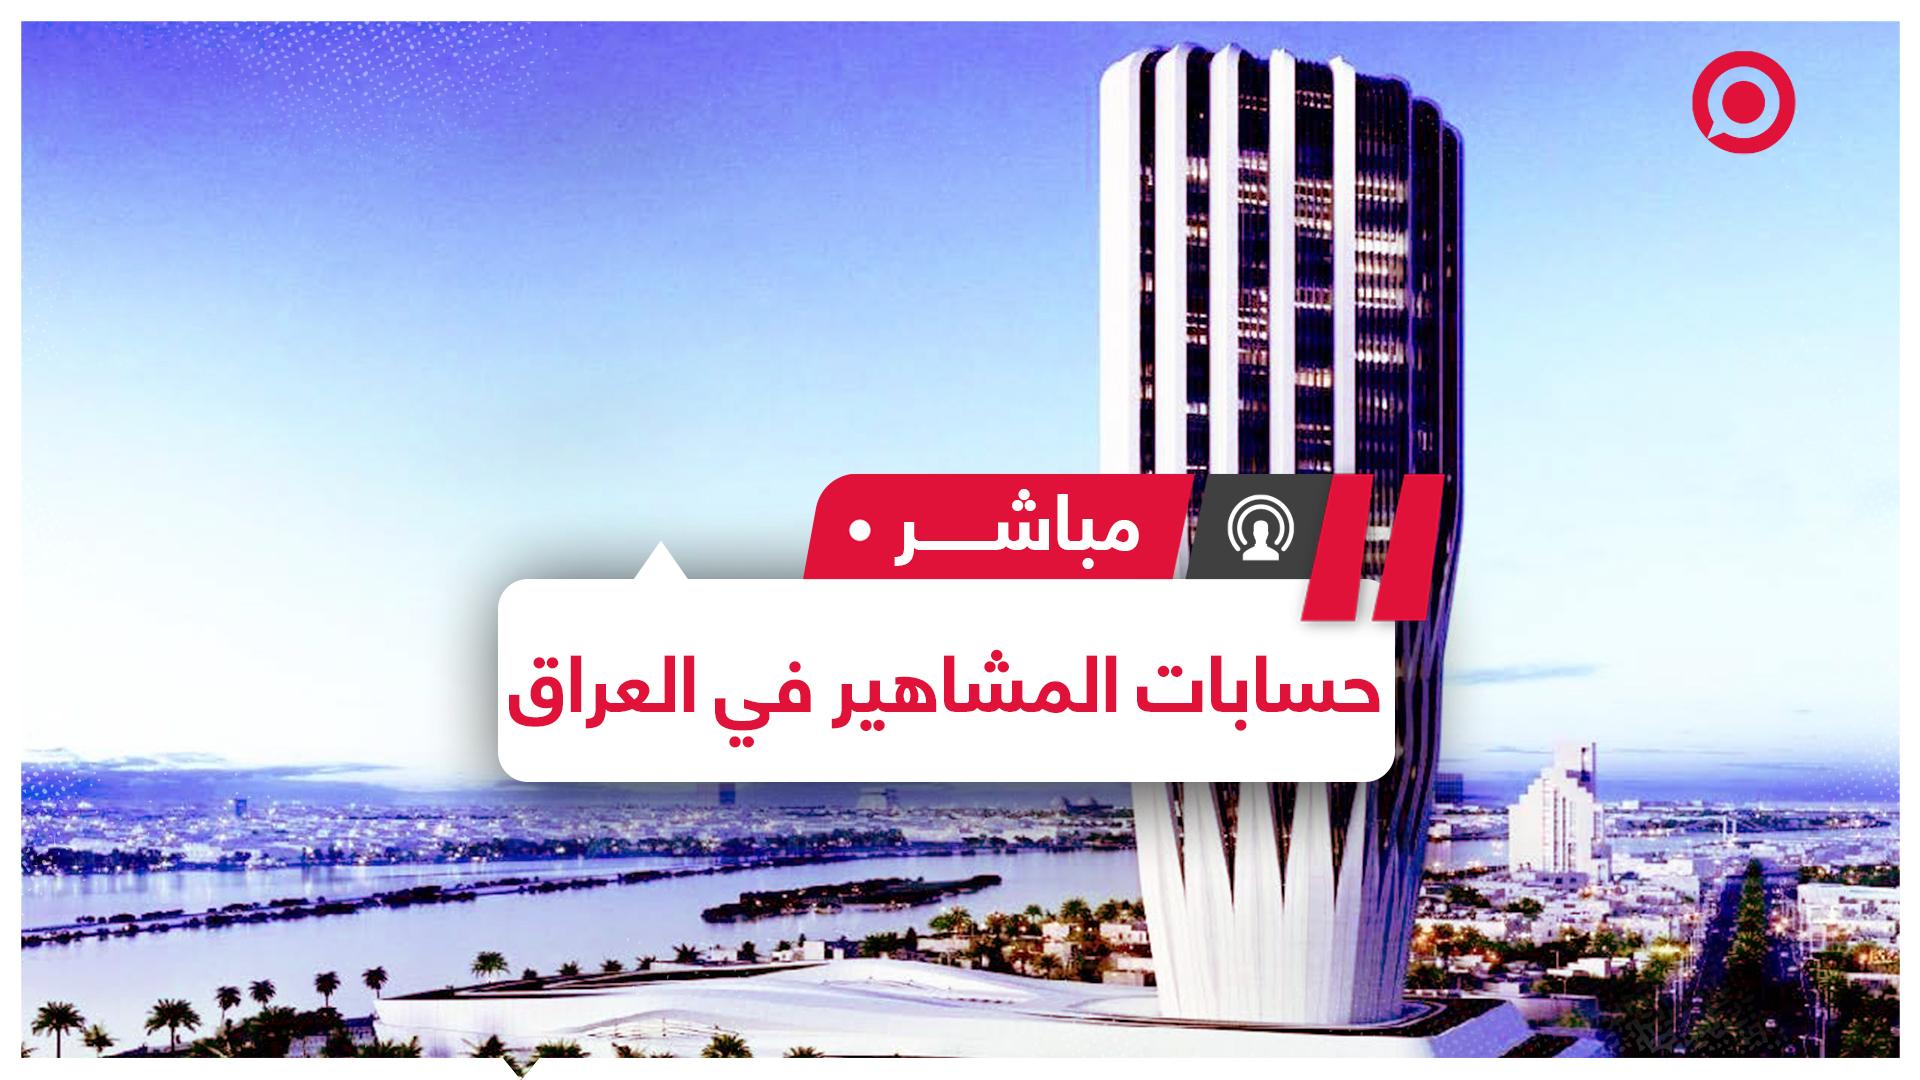 البنك المركزي العراقي يحذر من حسابات مشاهير التواصل الاجتماعي البنكية